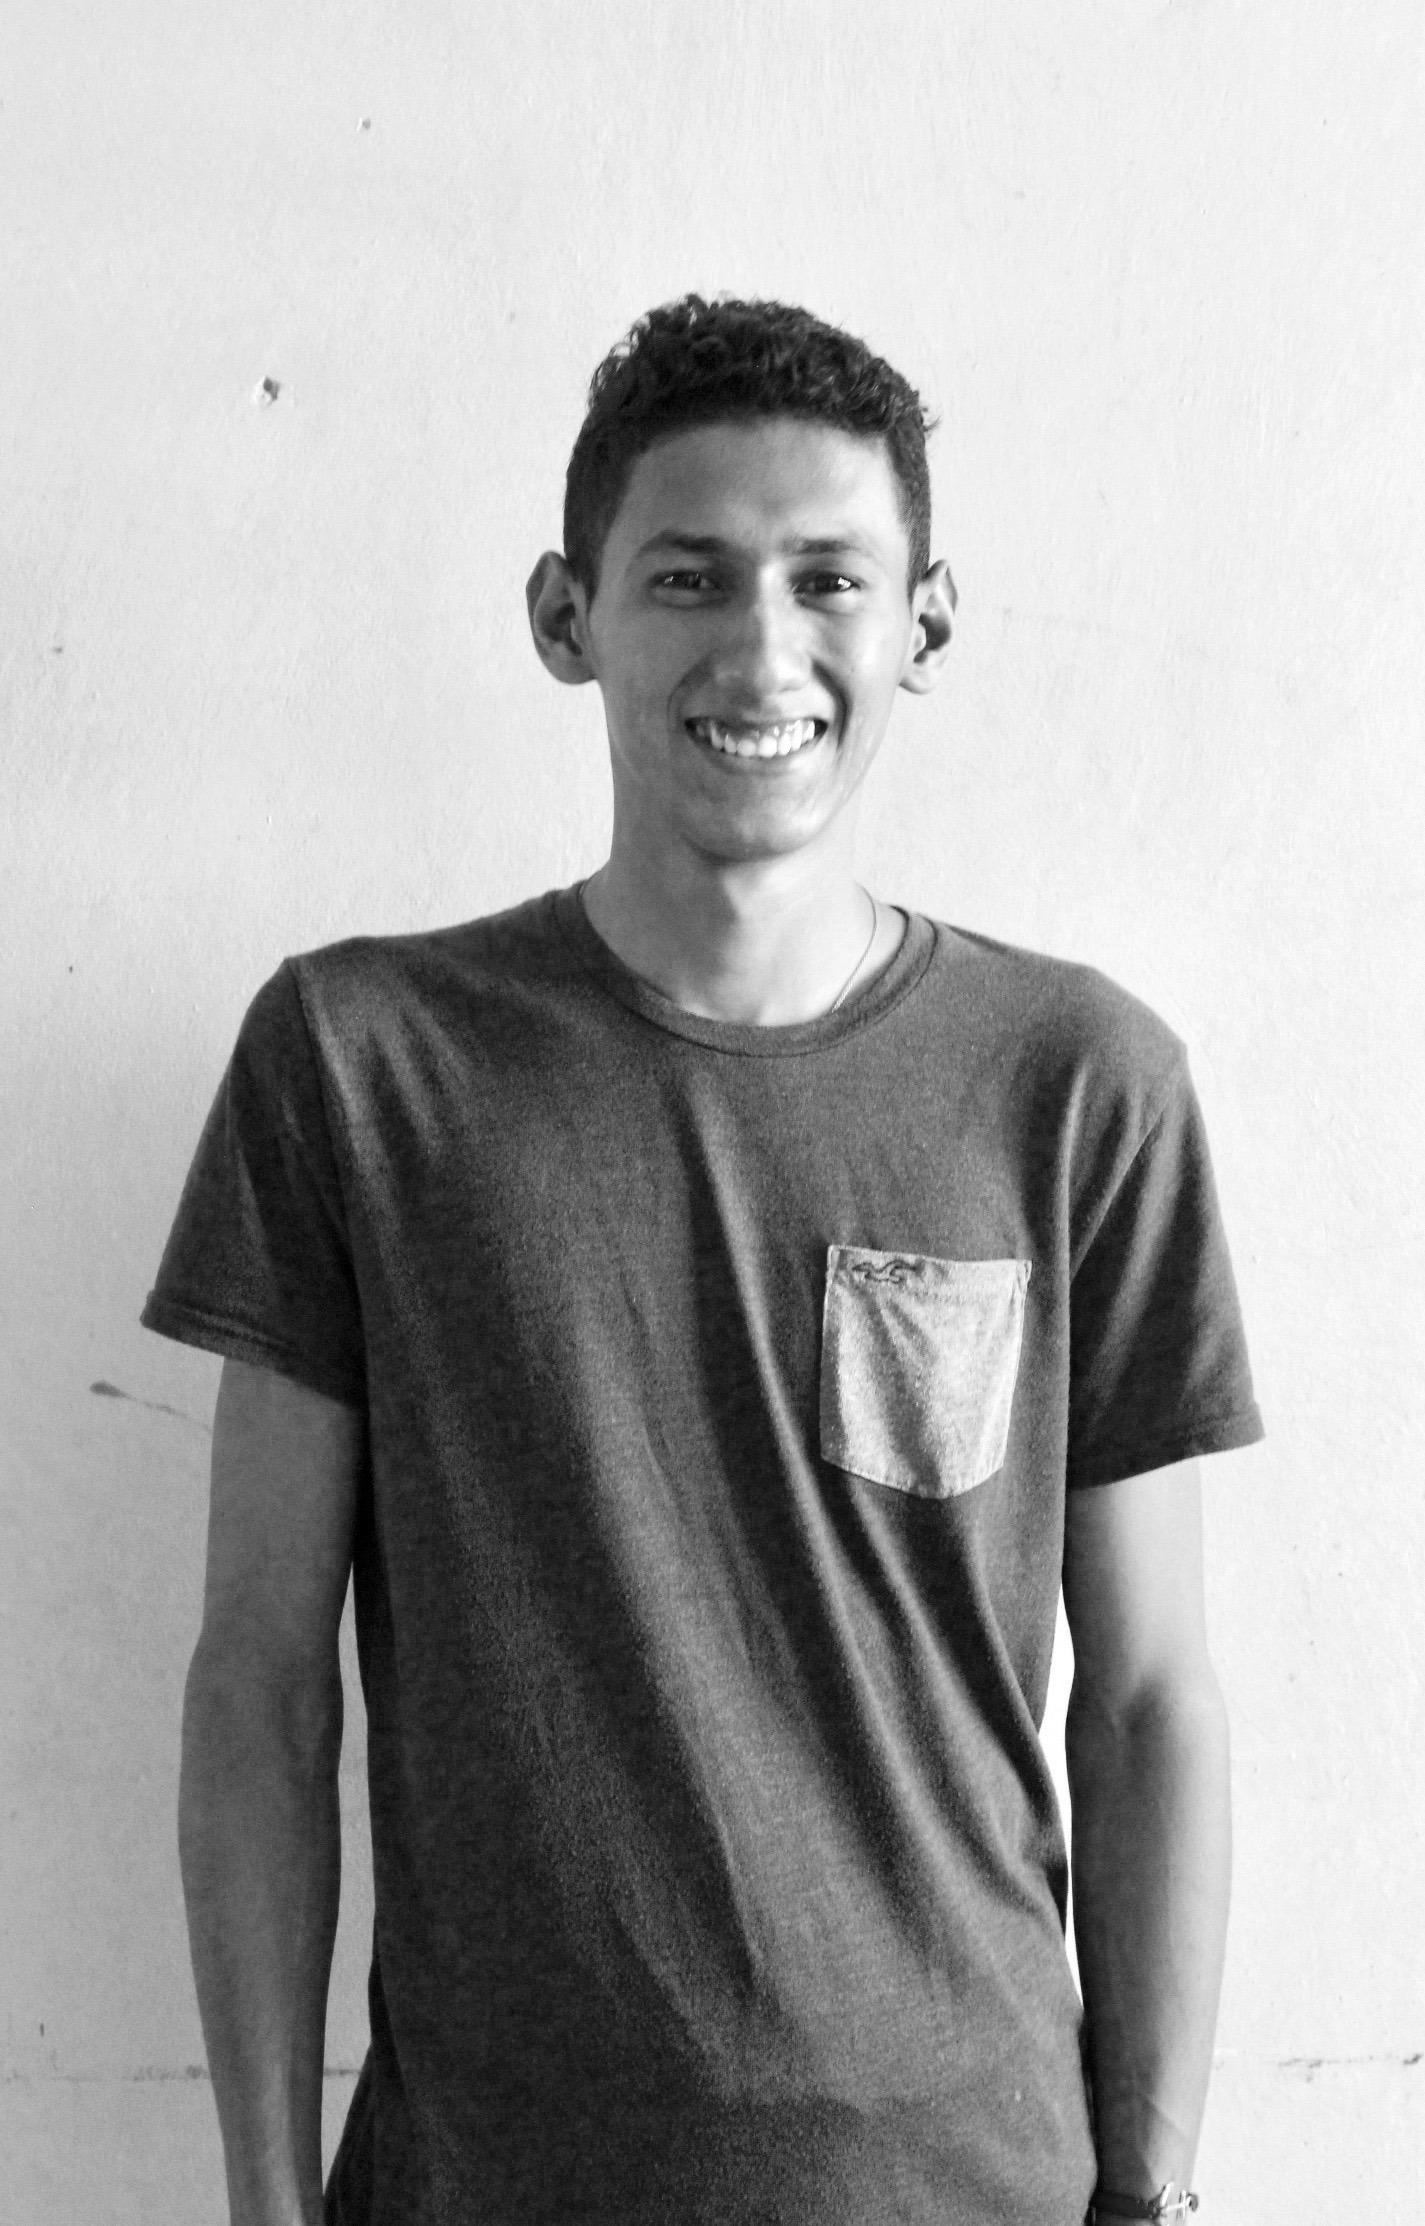 Meet Merlin Velasquez, Director of Finances